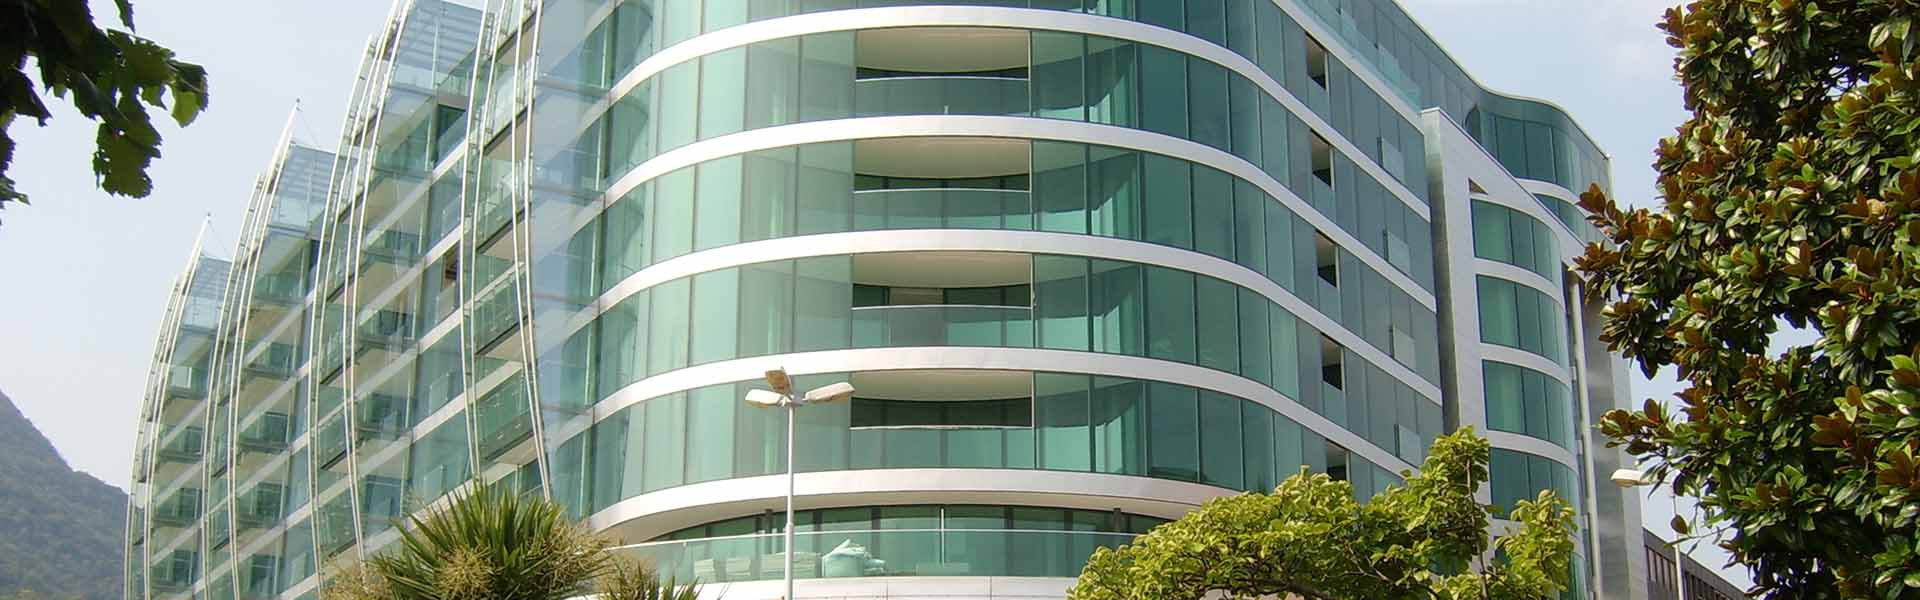 glass-glazing